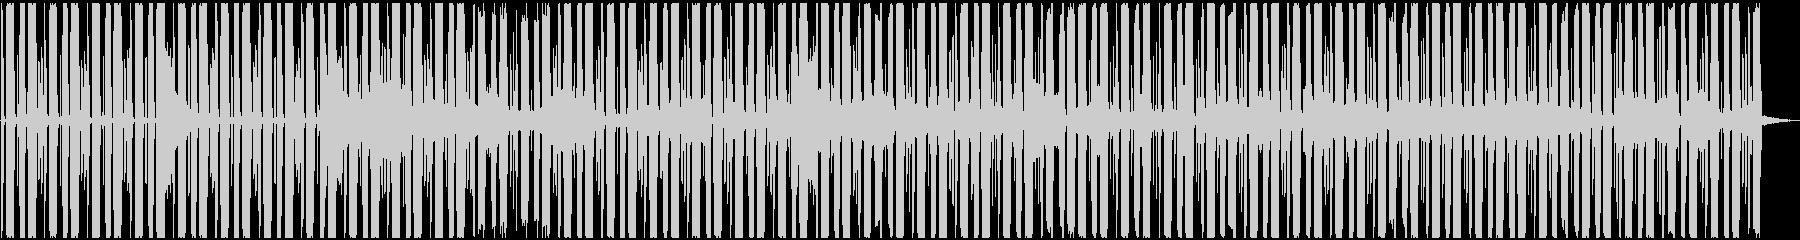 ポップ テクノ 二 ステップ ガレ...の未再生の波形